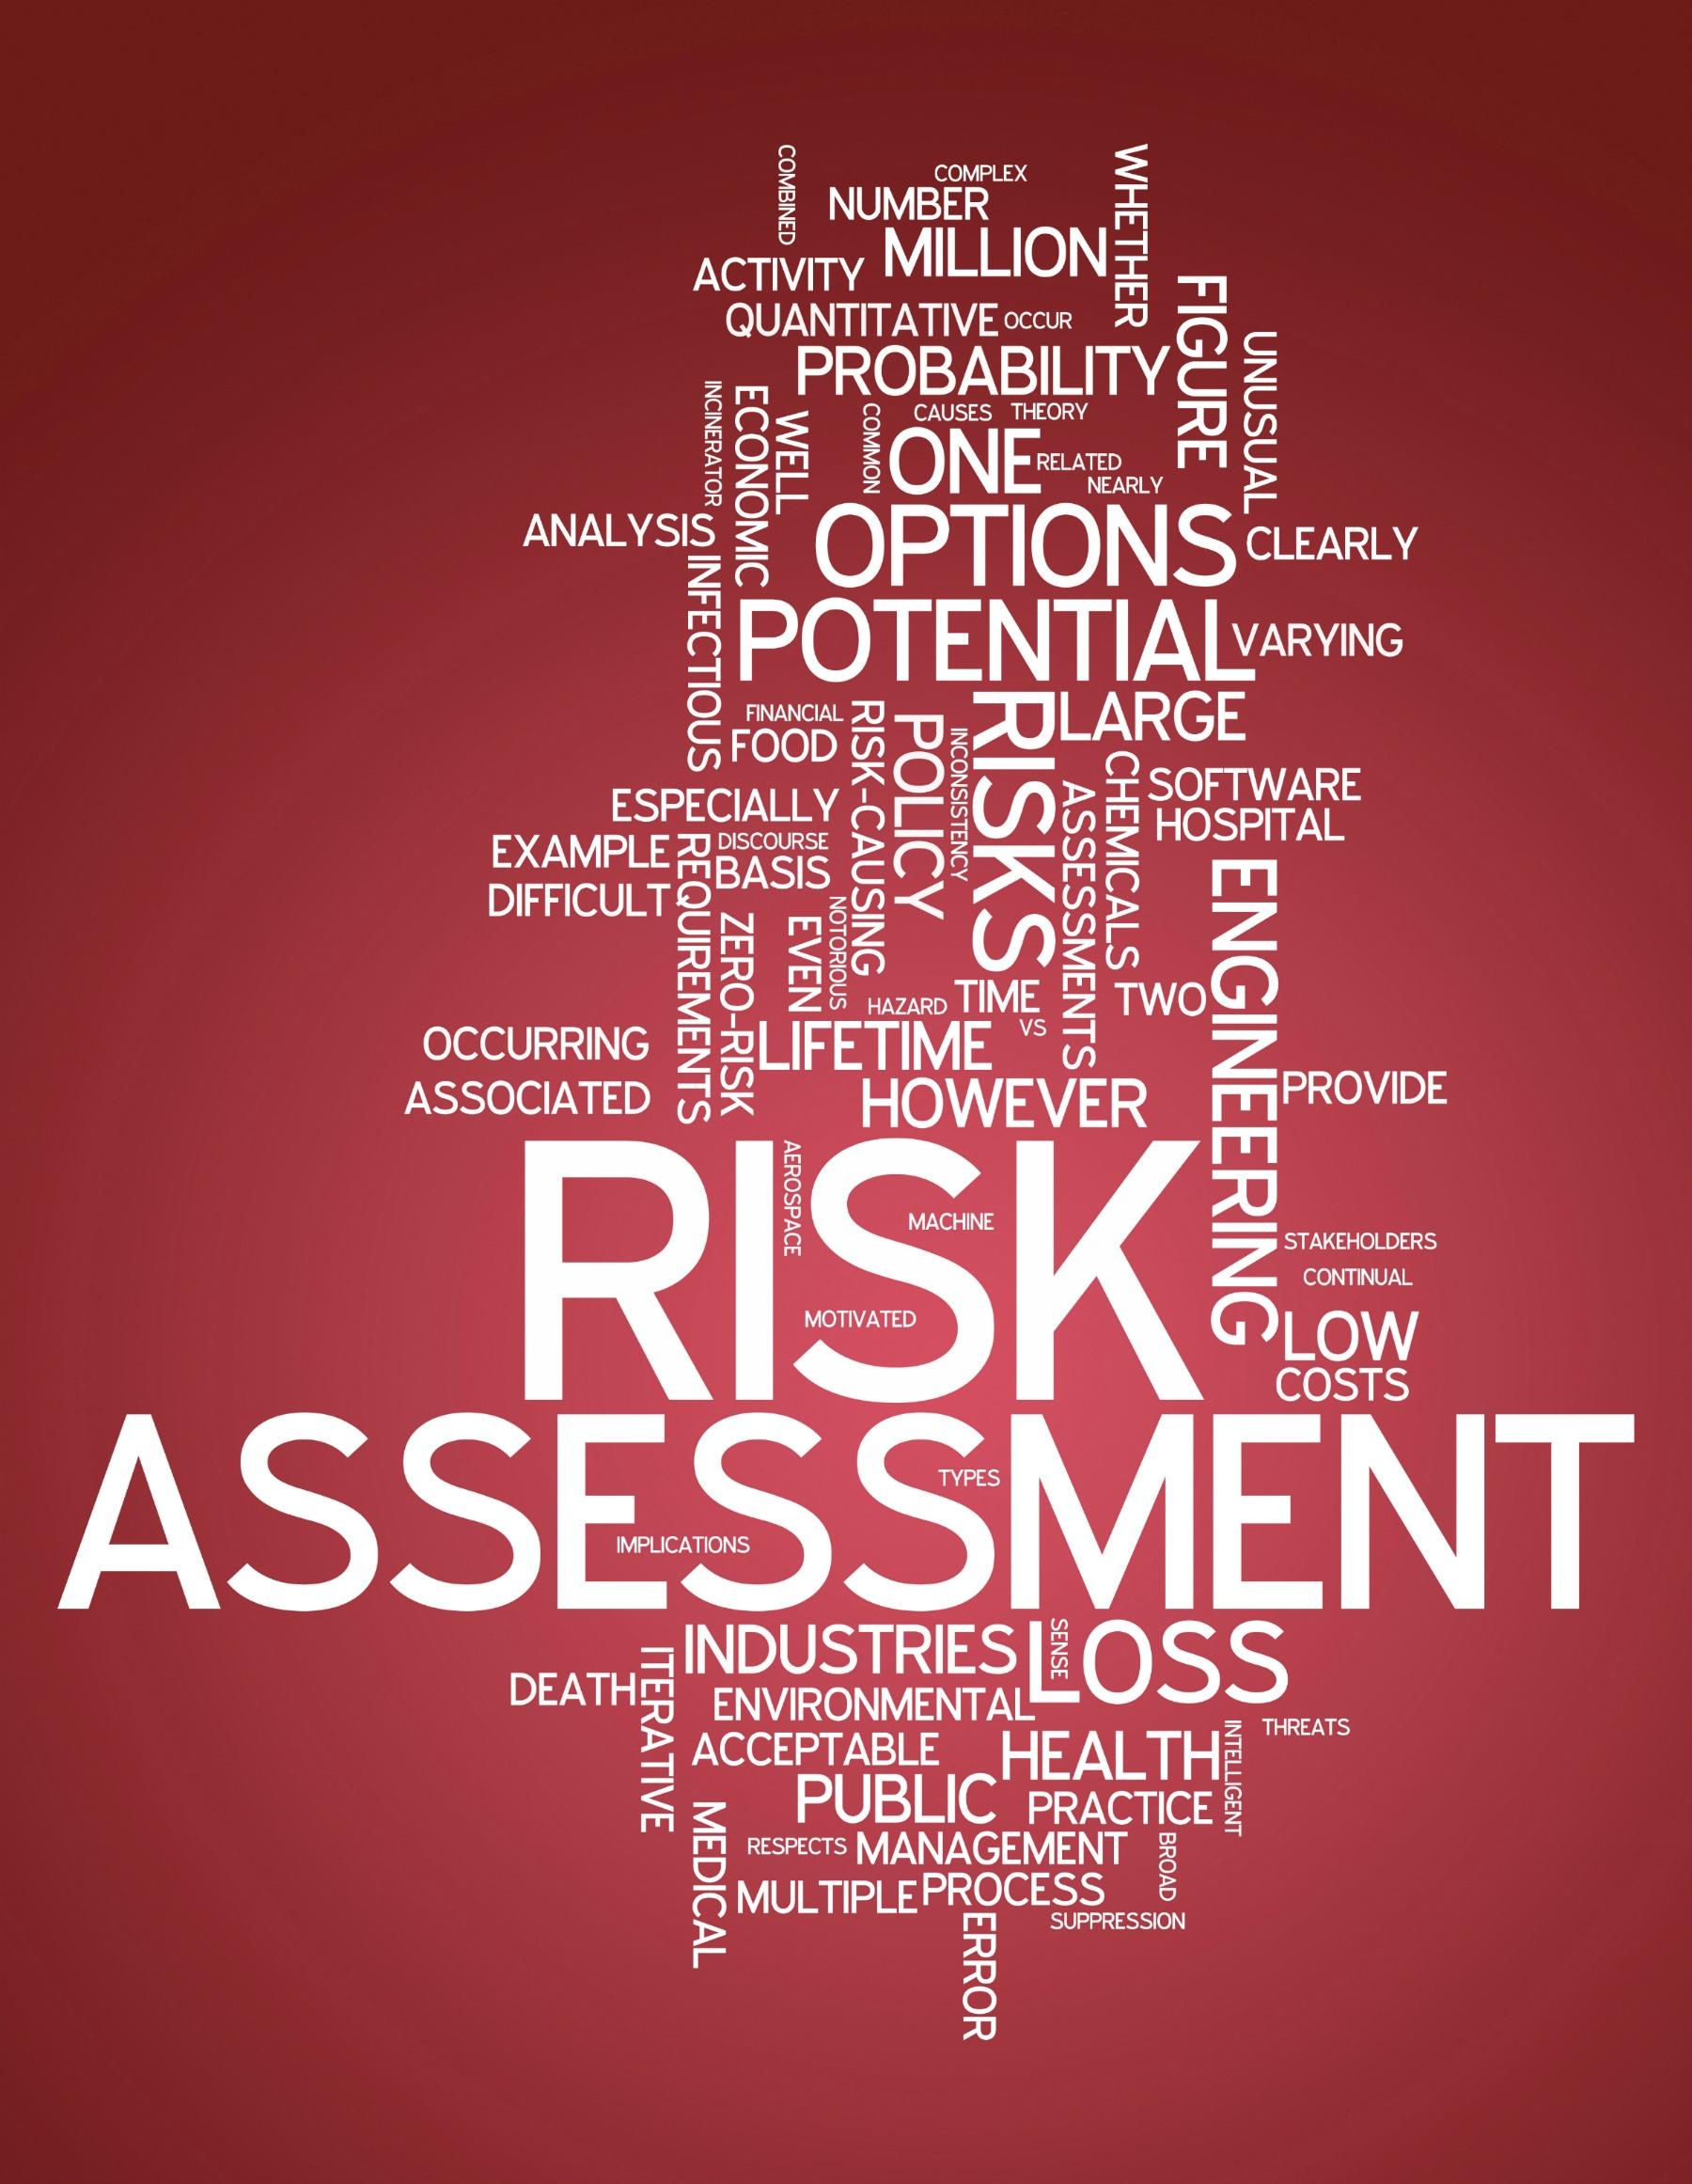 business-legal-risk-assessment.jpg